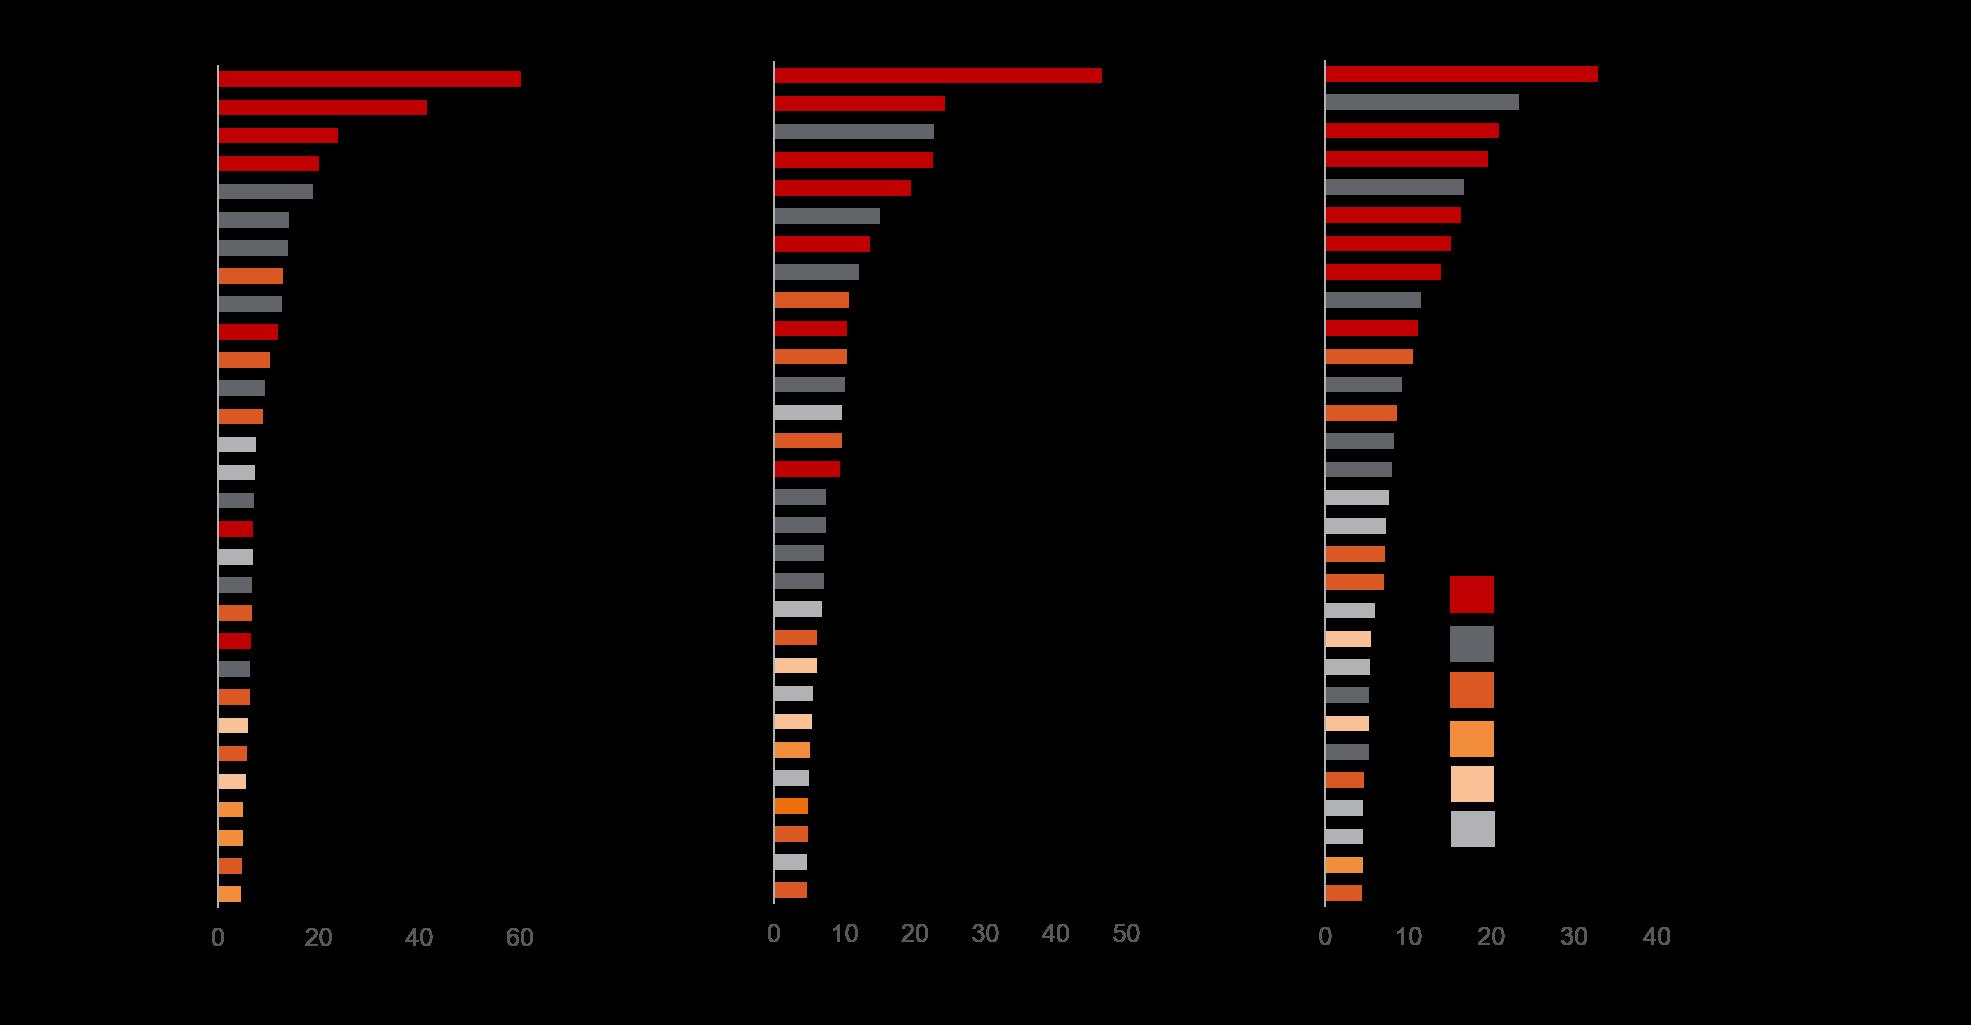 Обзор рынка коммерческой недвижимости киев коммерческая недвижимость в барнауле па балтийской